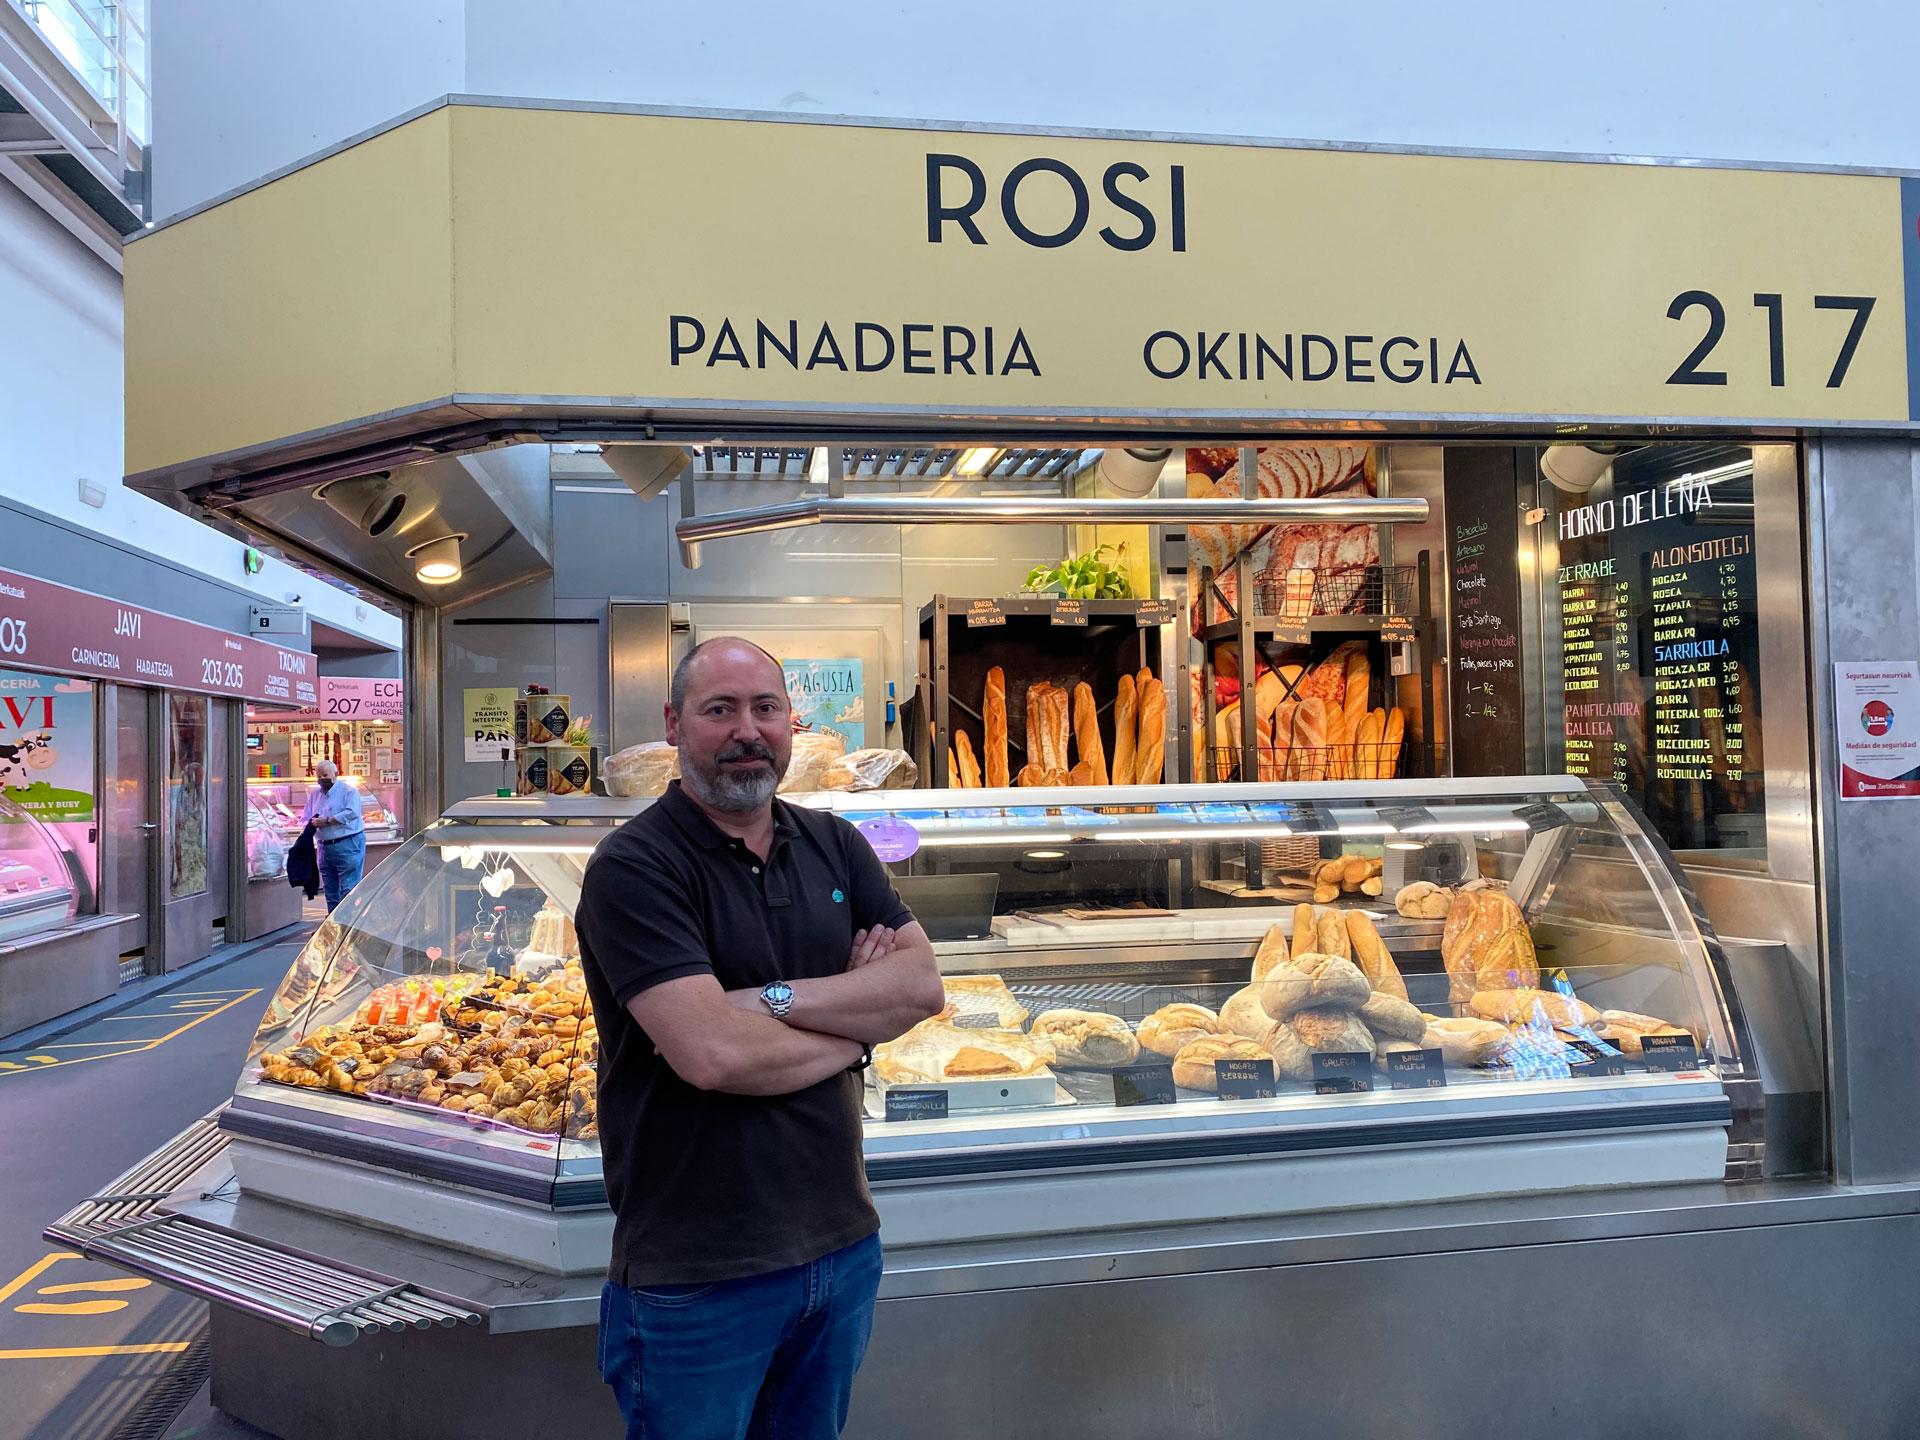 Panadería Rosi